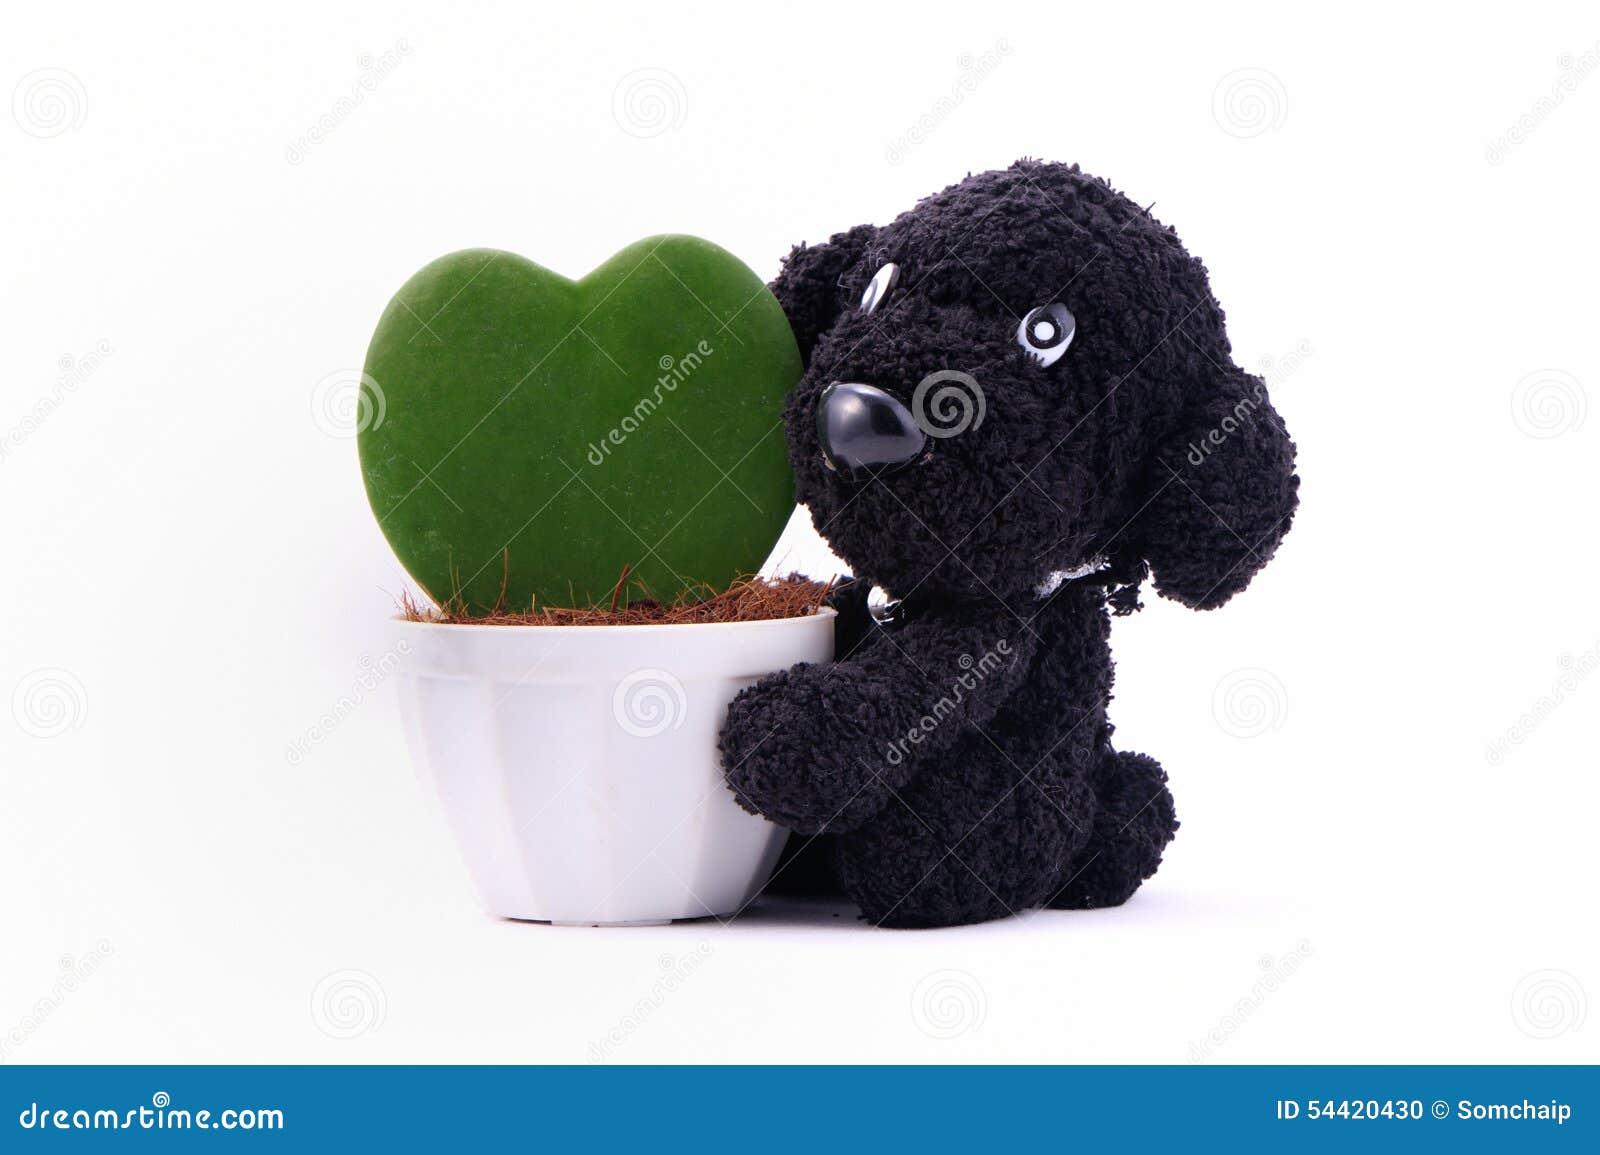 Herz f rmige anlage in einem blumentopf mit hund stockfoto for Blumentopf tiere